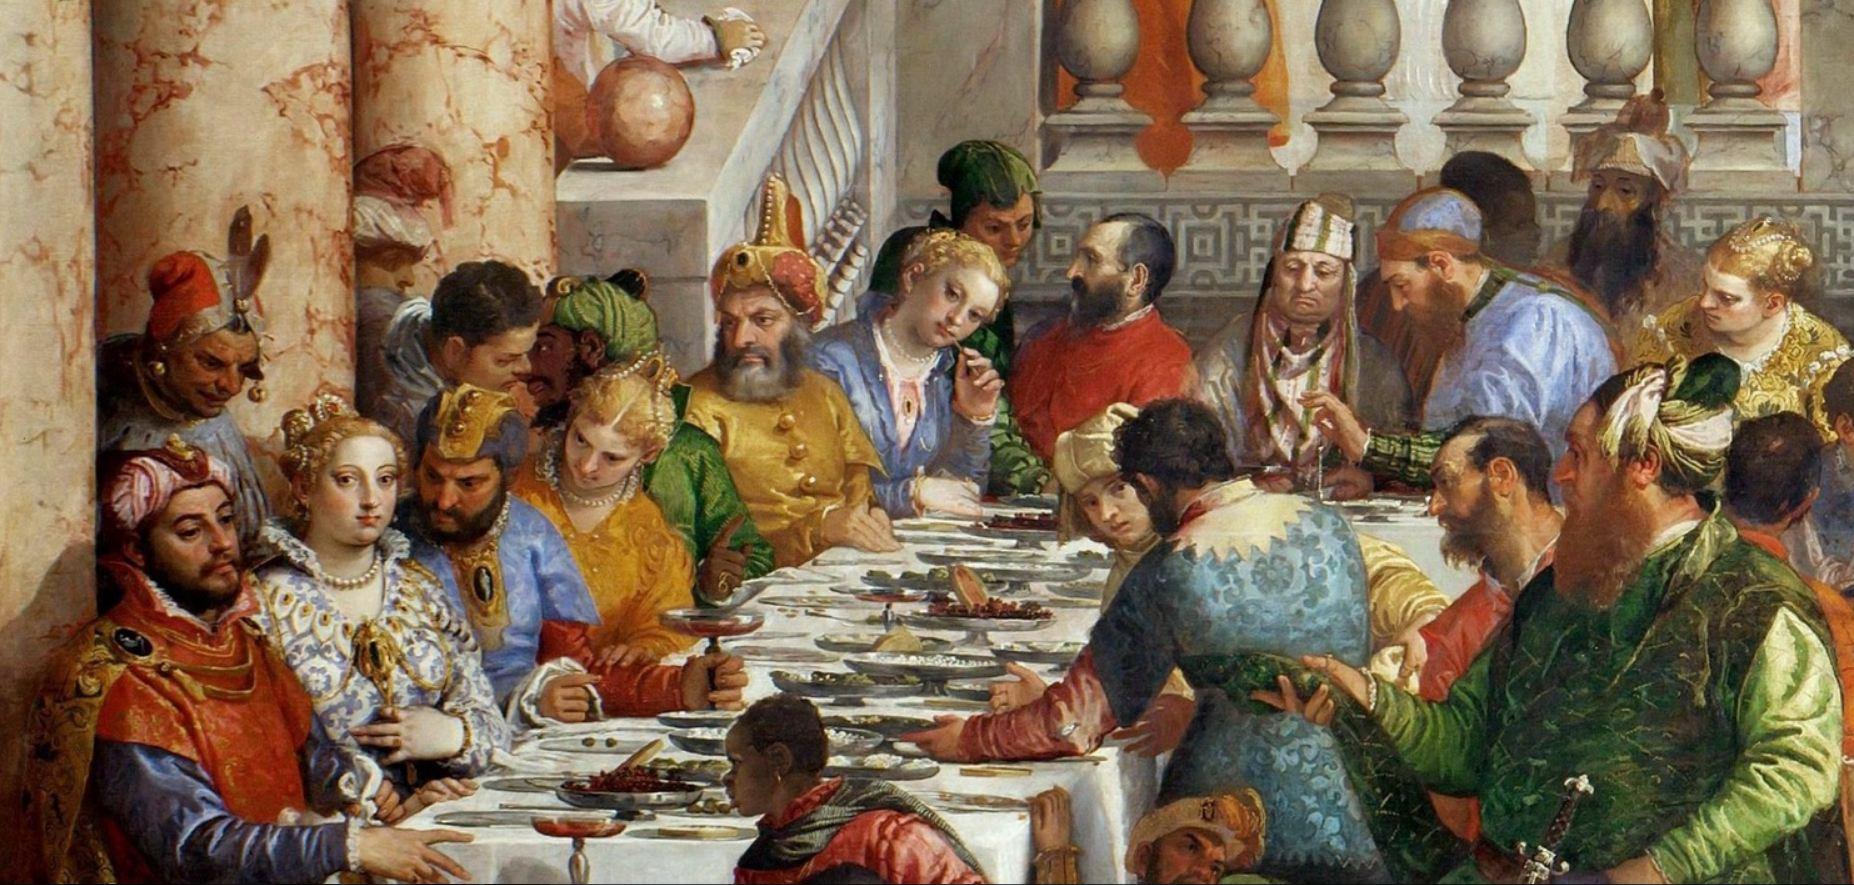 La Serenissima Repubblica - Le Magistrature delle Pompe e degli Scansadori